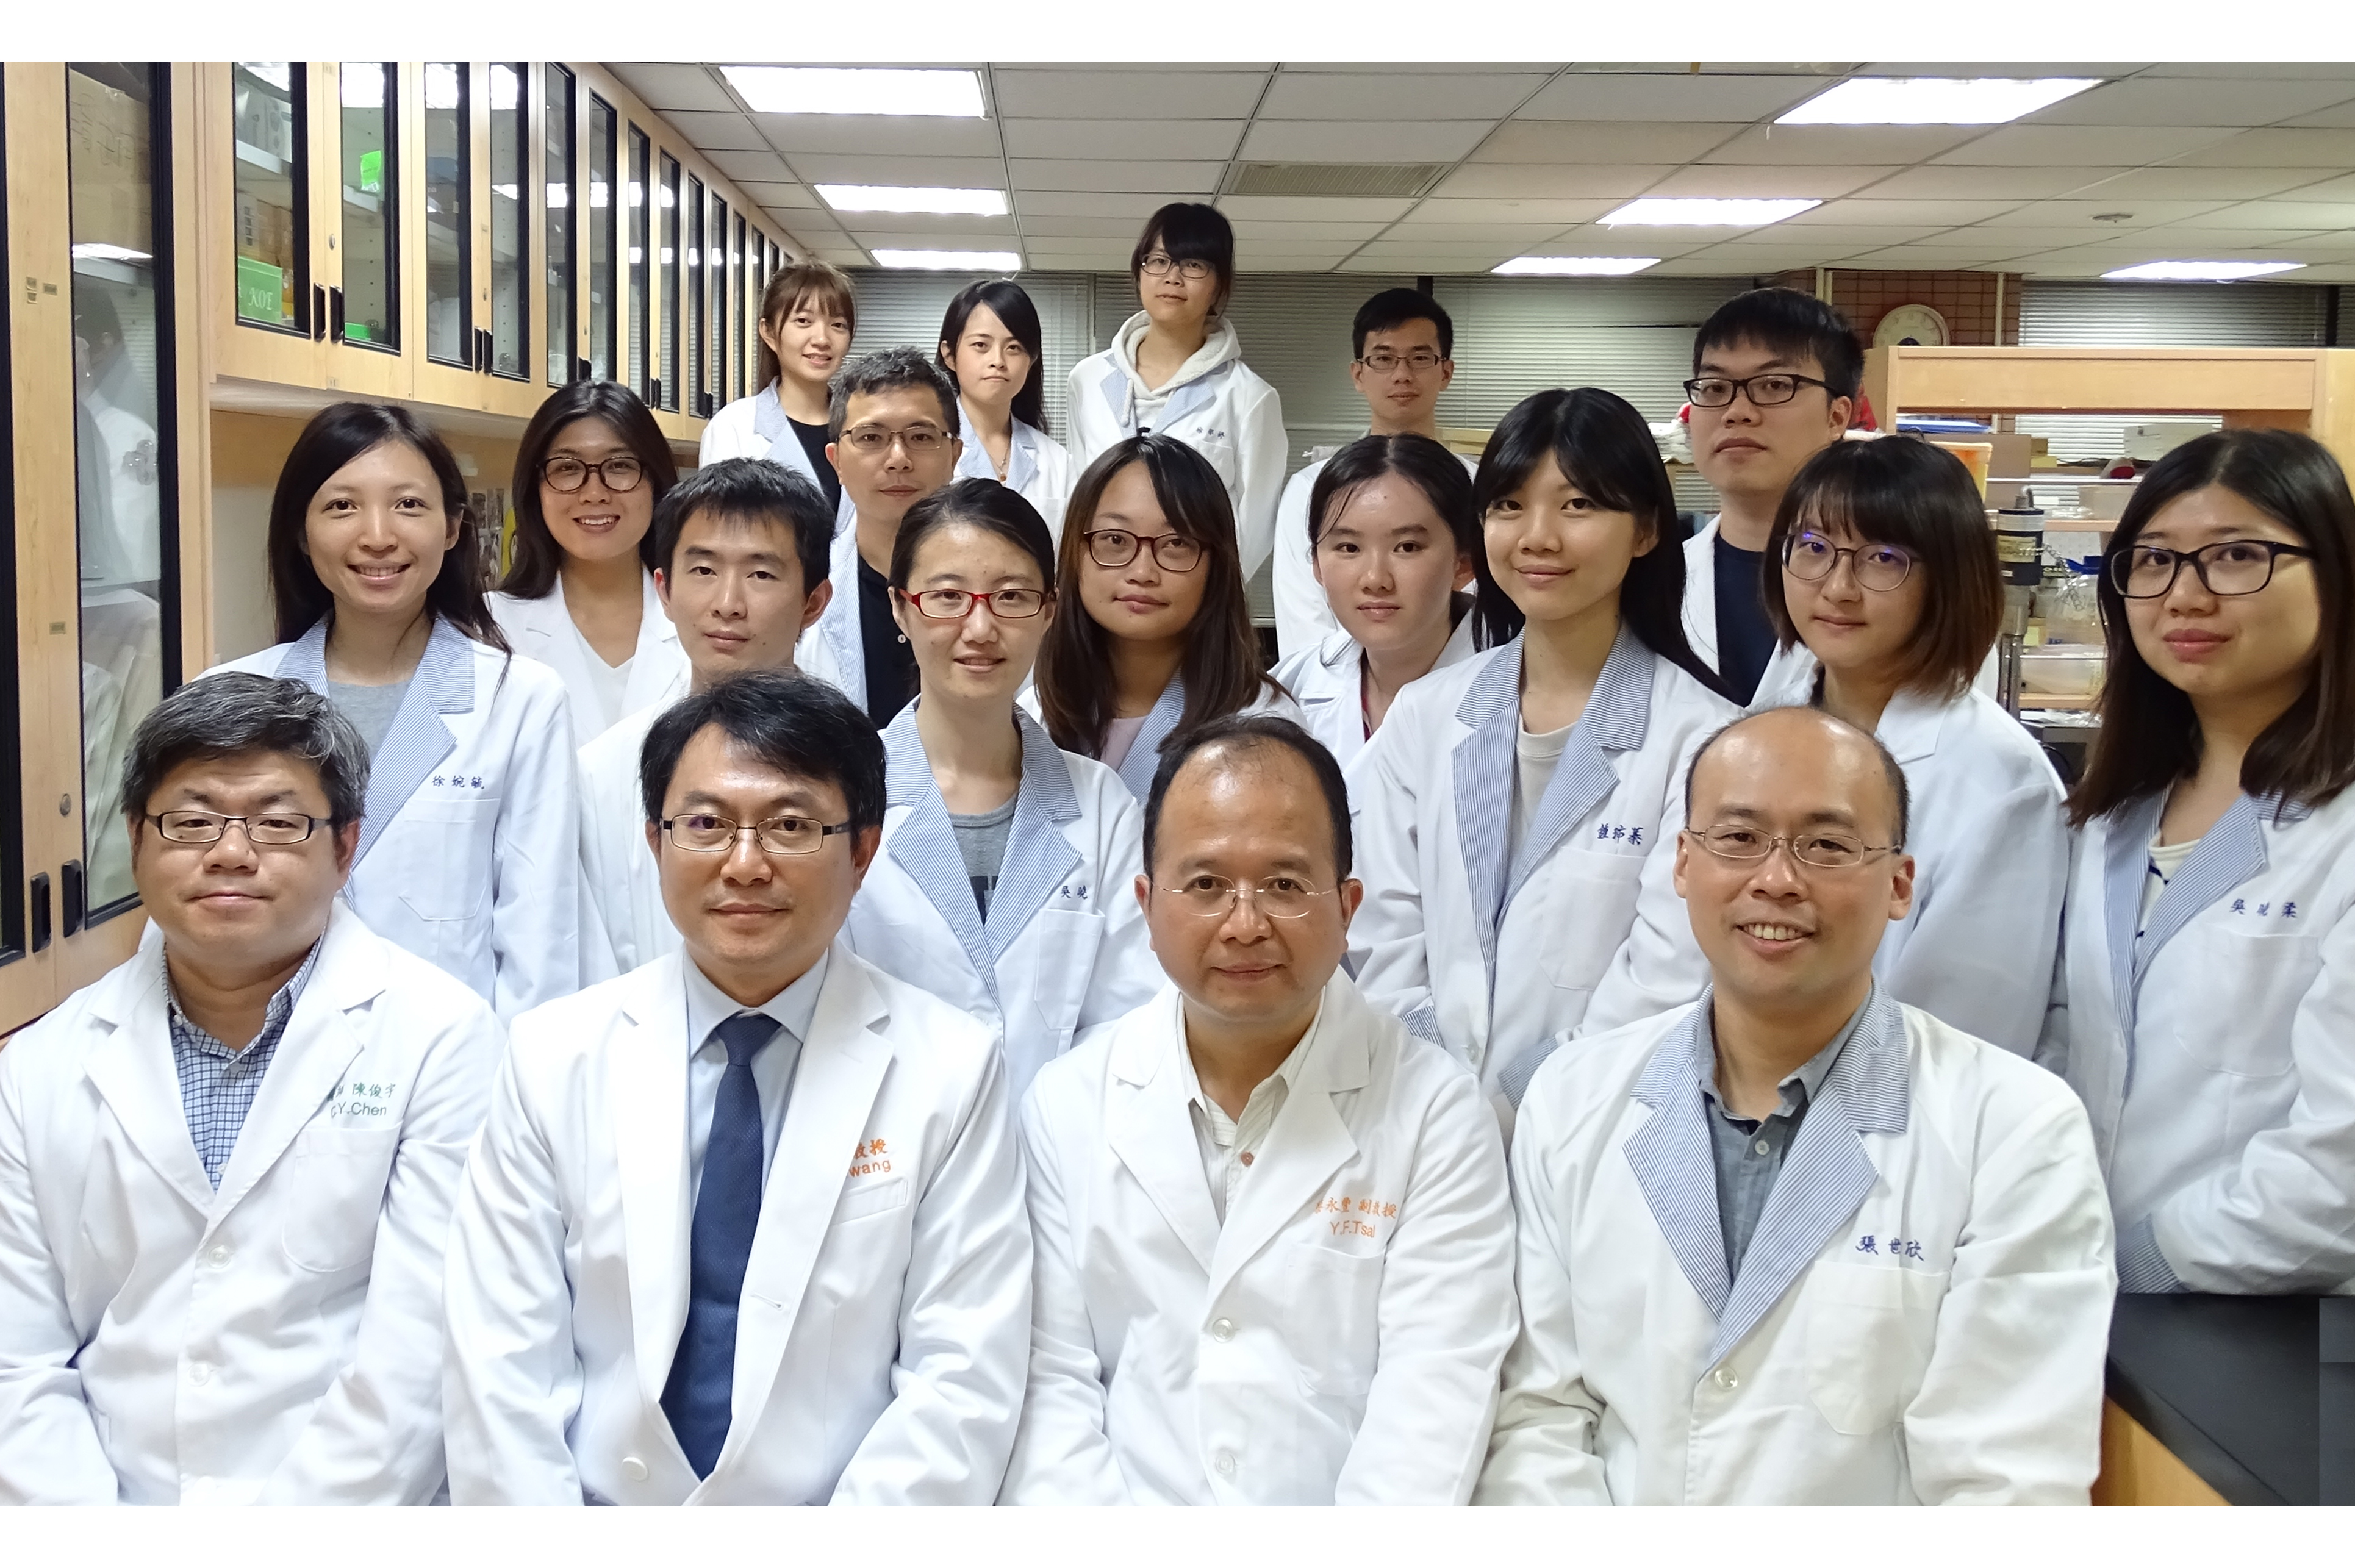 黃聰龍教授藥理實驗室團隊成員